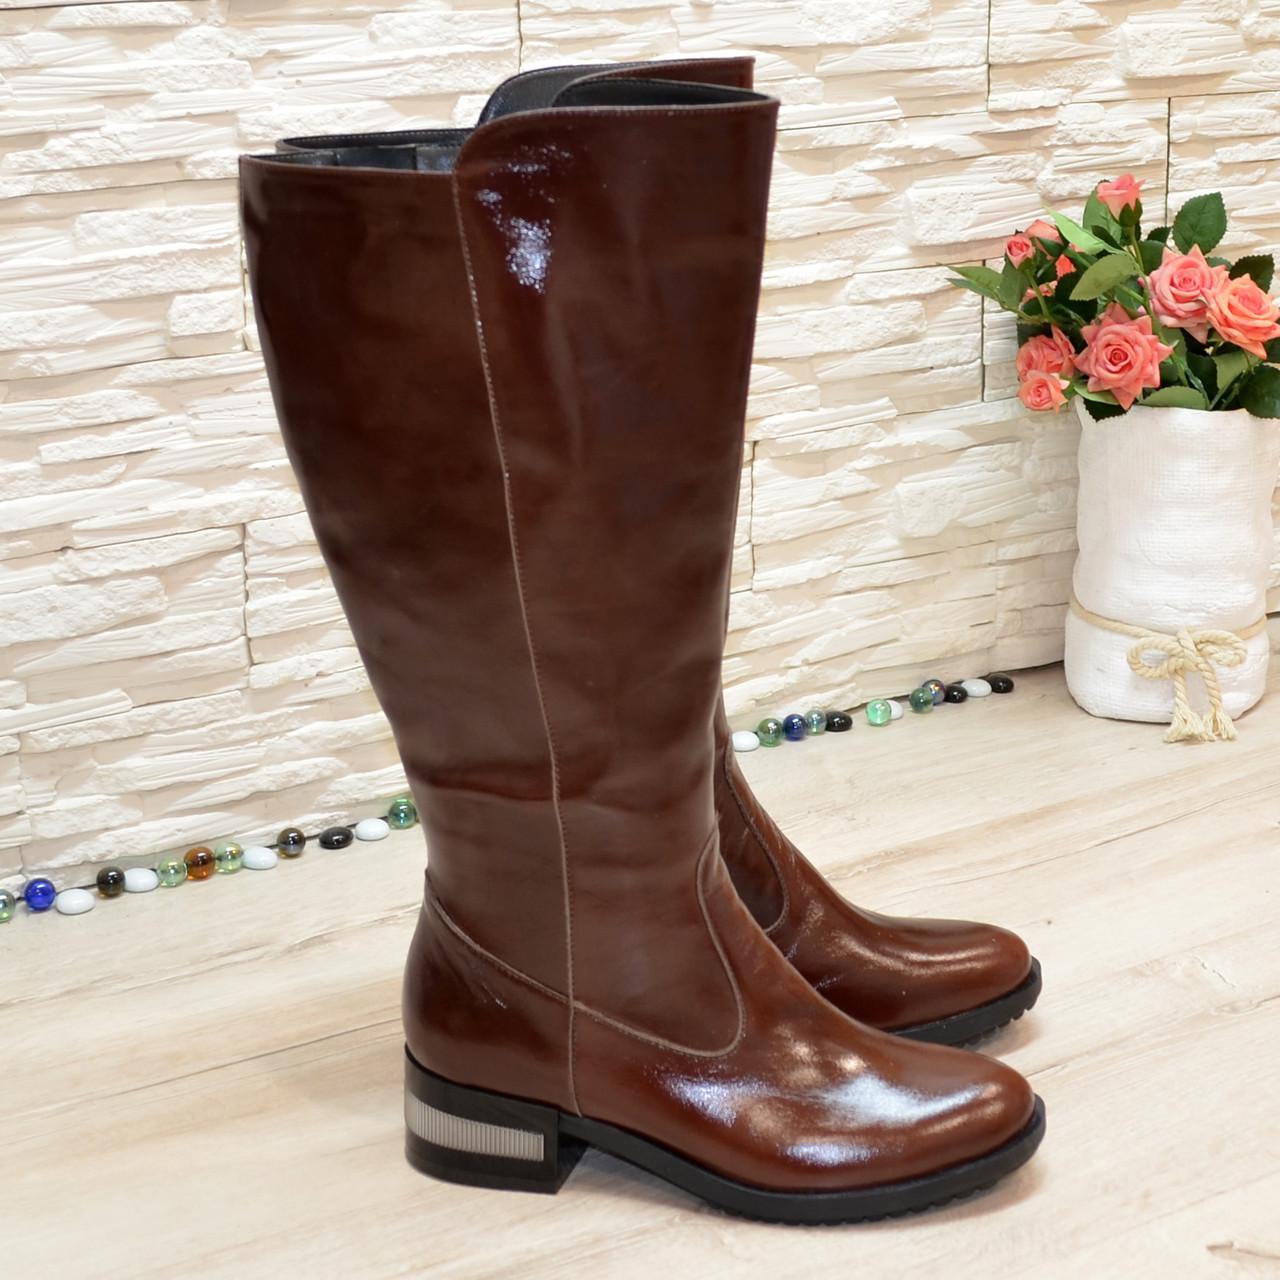 Сапоги женские кожаные коричневые на невысоком каблуке